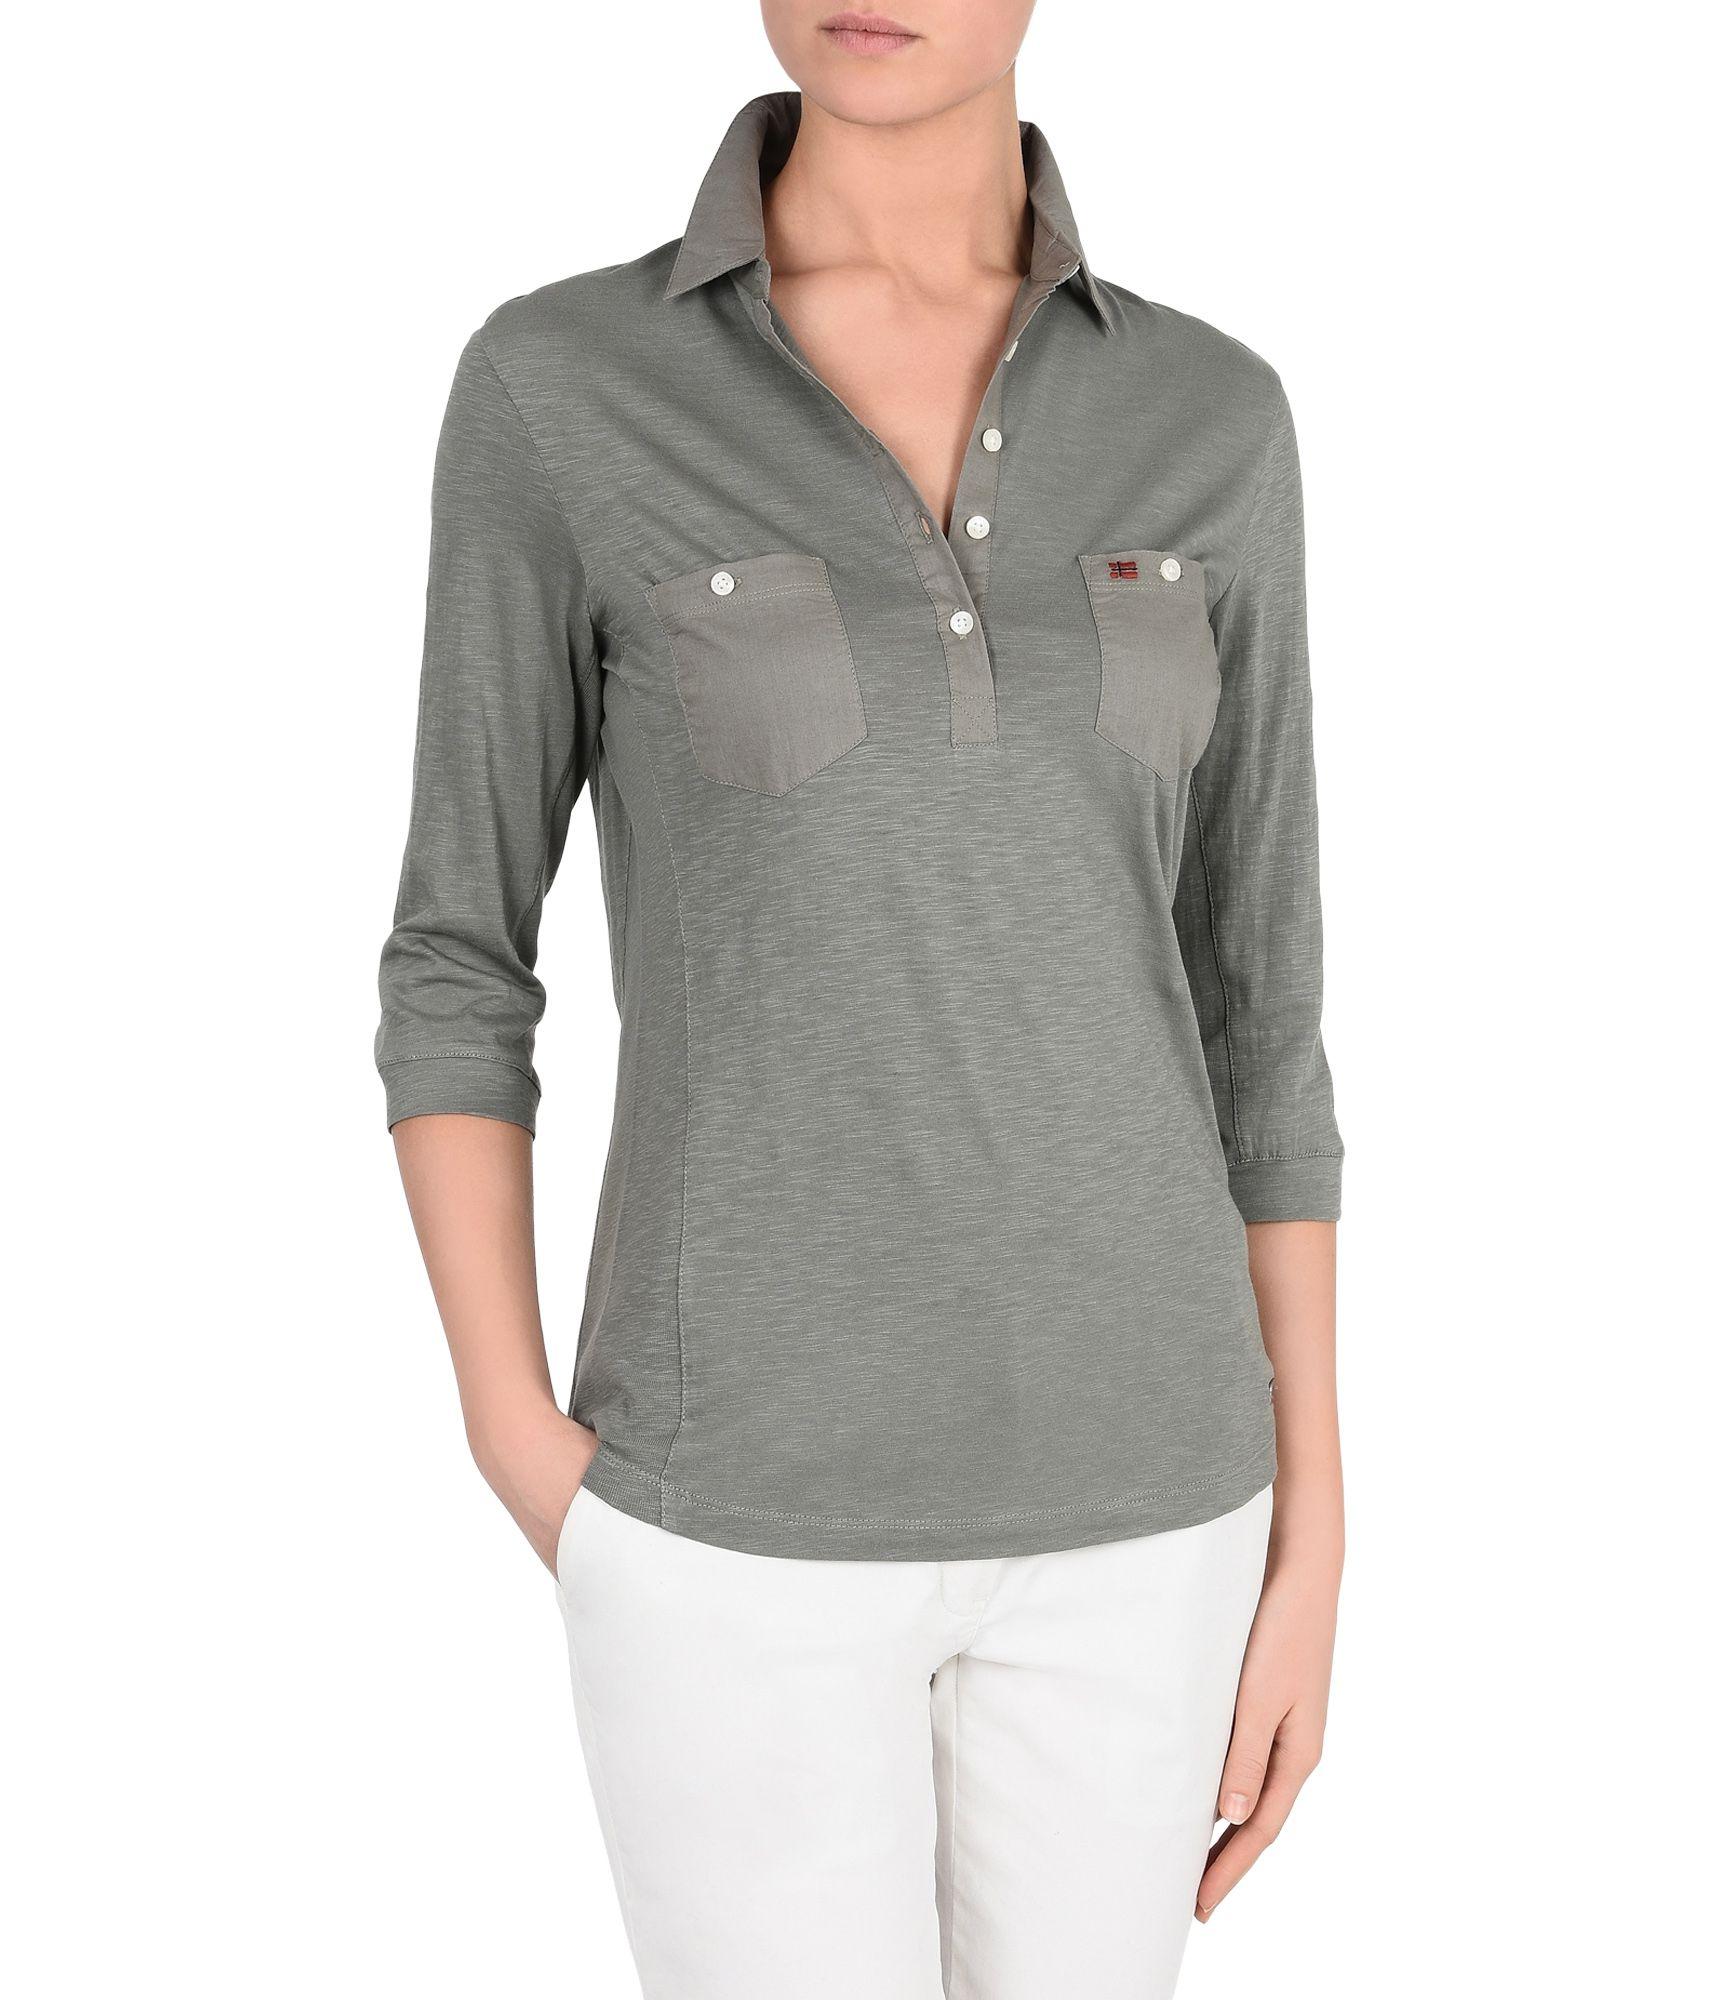 Artikel klicken und genauer betrachten! - Jersey-Poloshirt mit ¾-Ärmeln Hemdkragen Schmale Frontknopfleiste Zwei Taschen Materialmix-Einsätze aus leichtem Gewebe Grafikelemente | im Online Shop kaufen